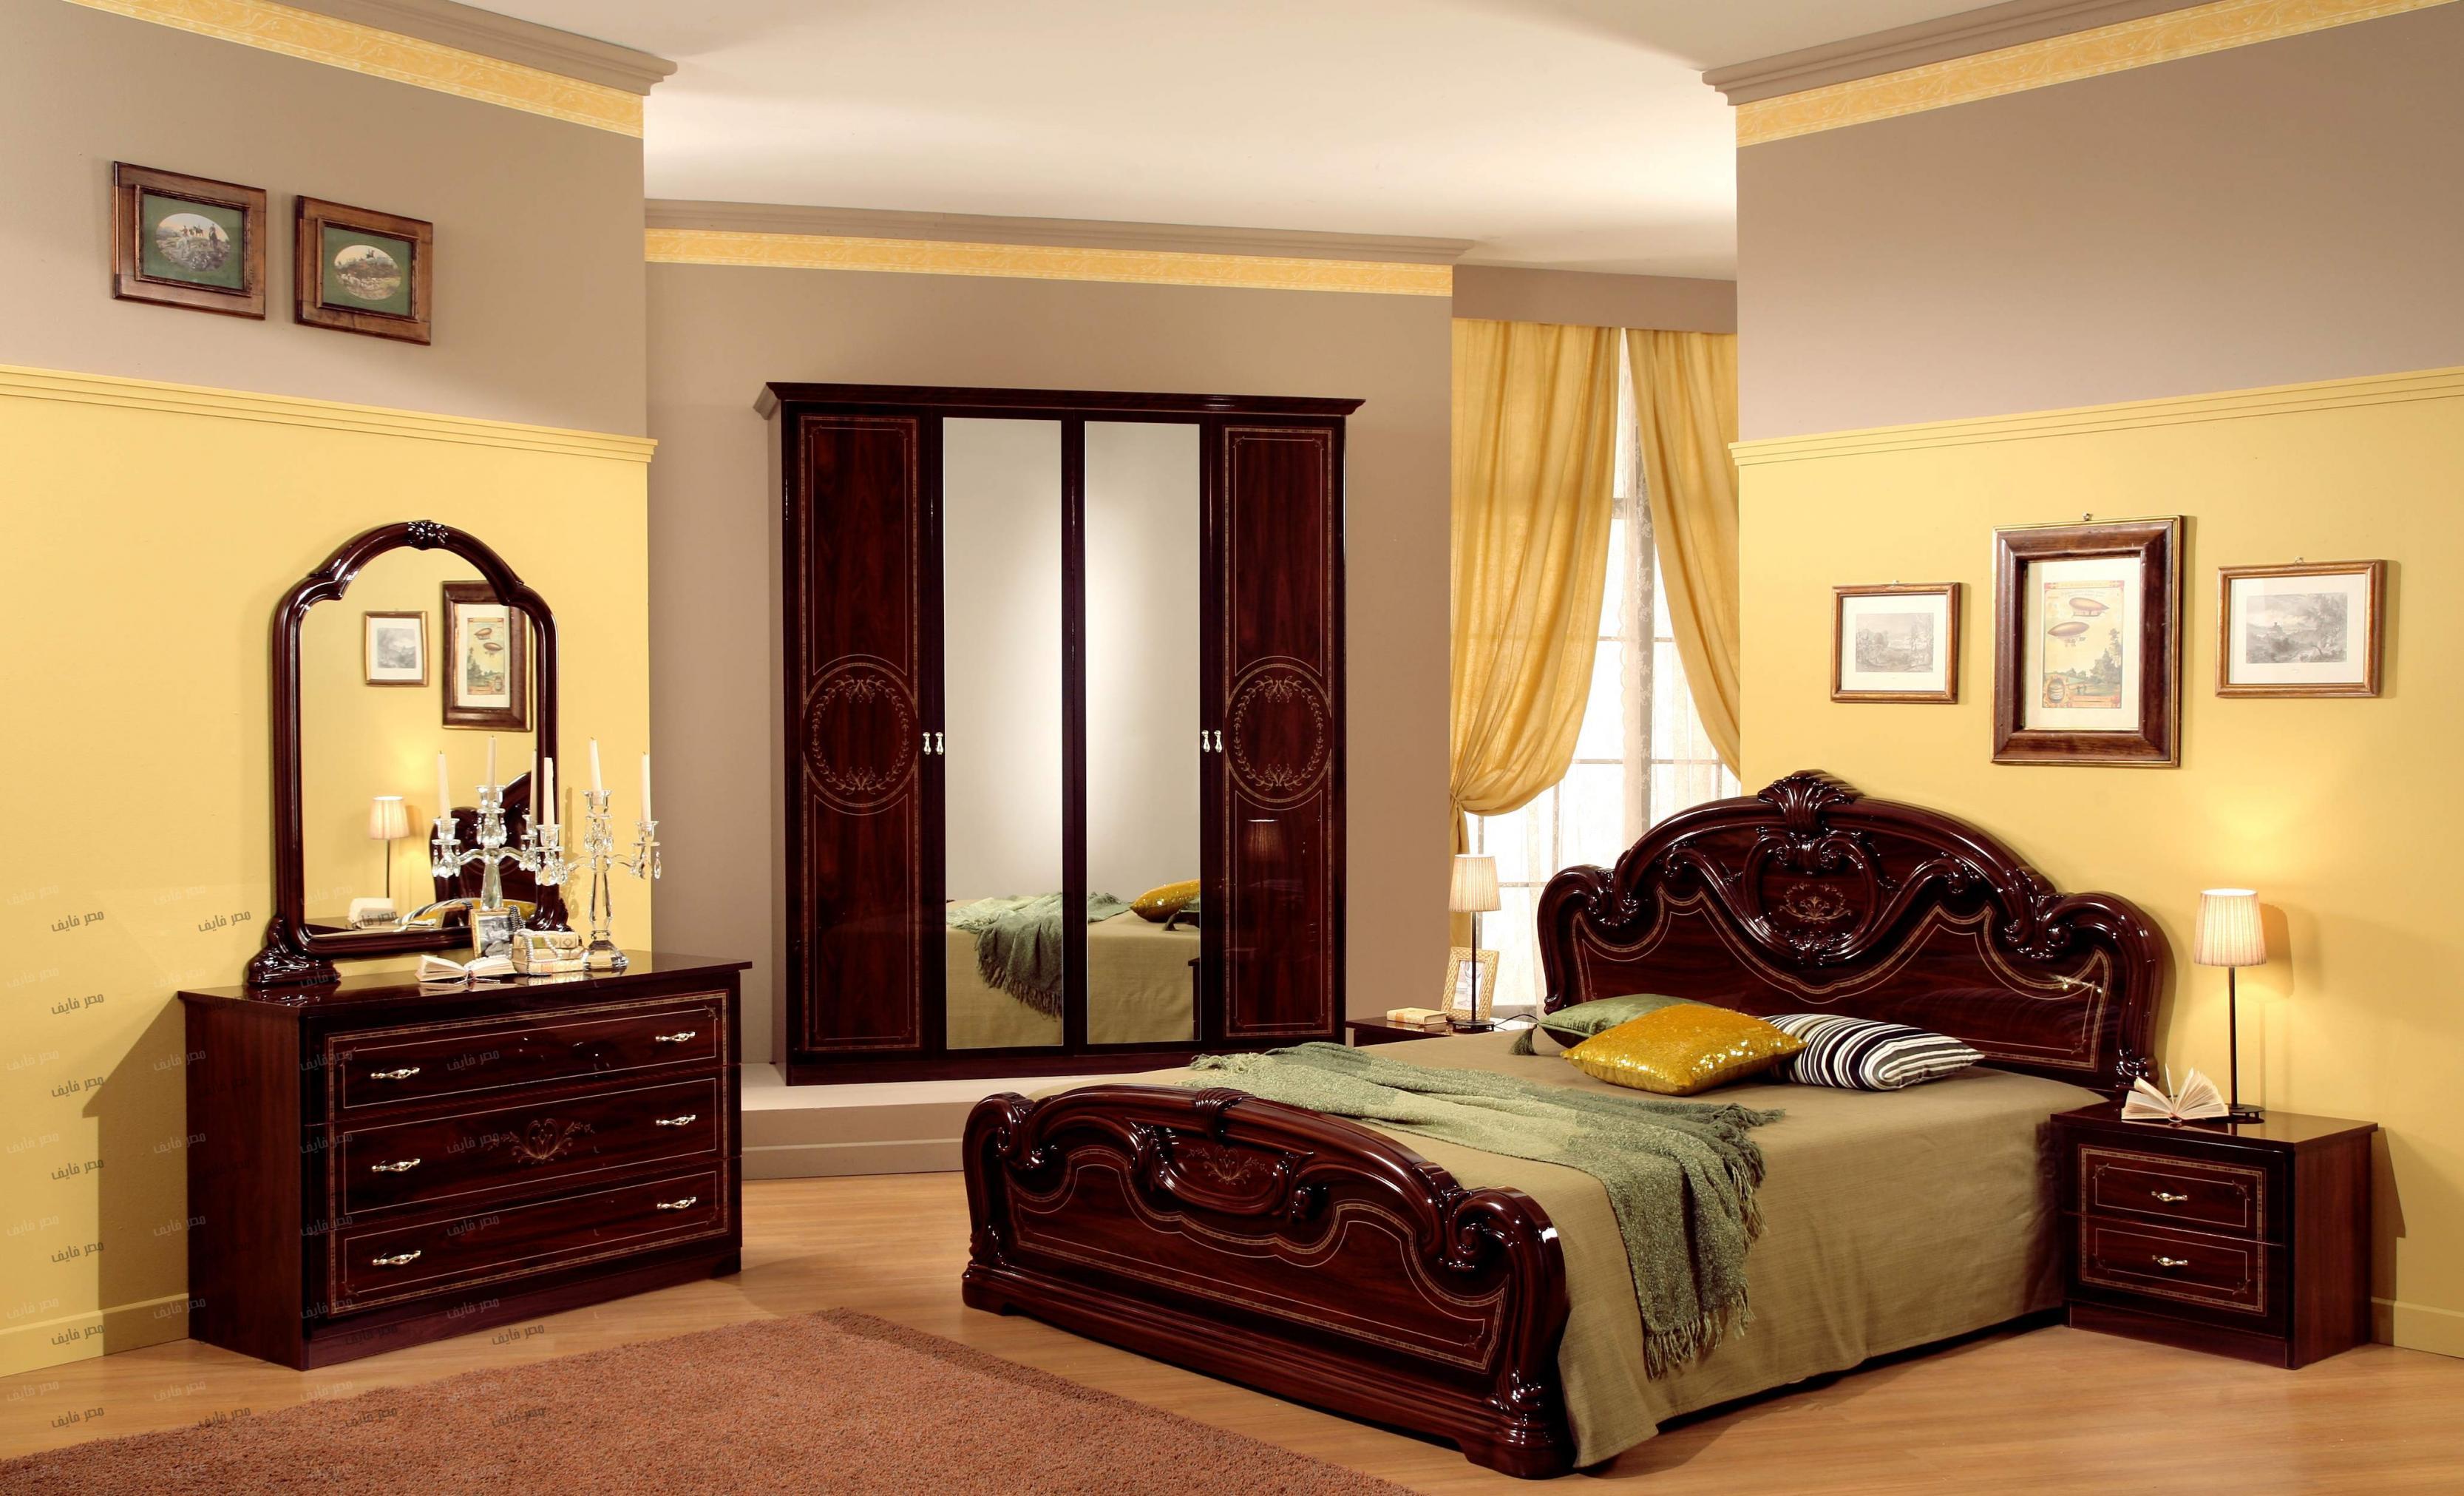 صورة موديلات غرف نوم , تصميمات حديثه لموديلات لغرف نوم